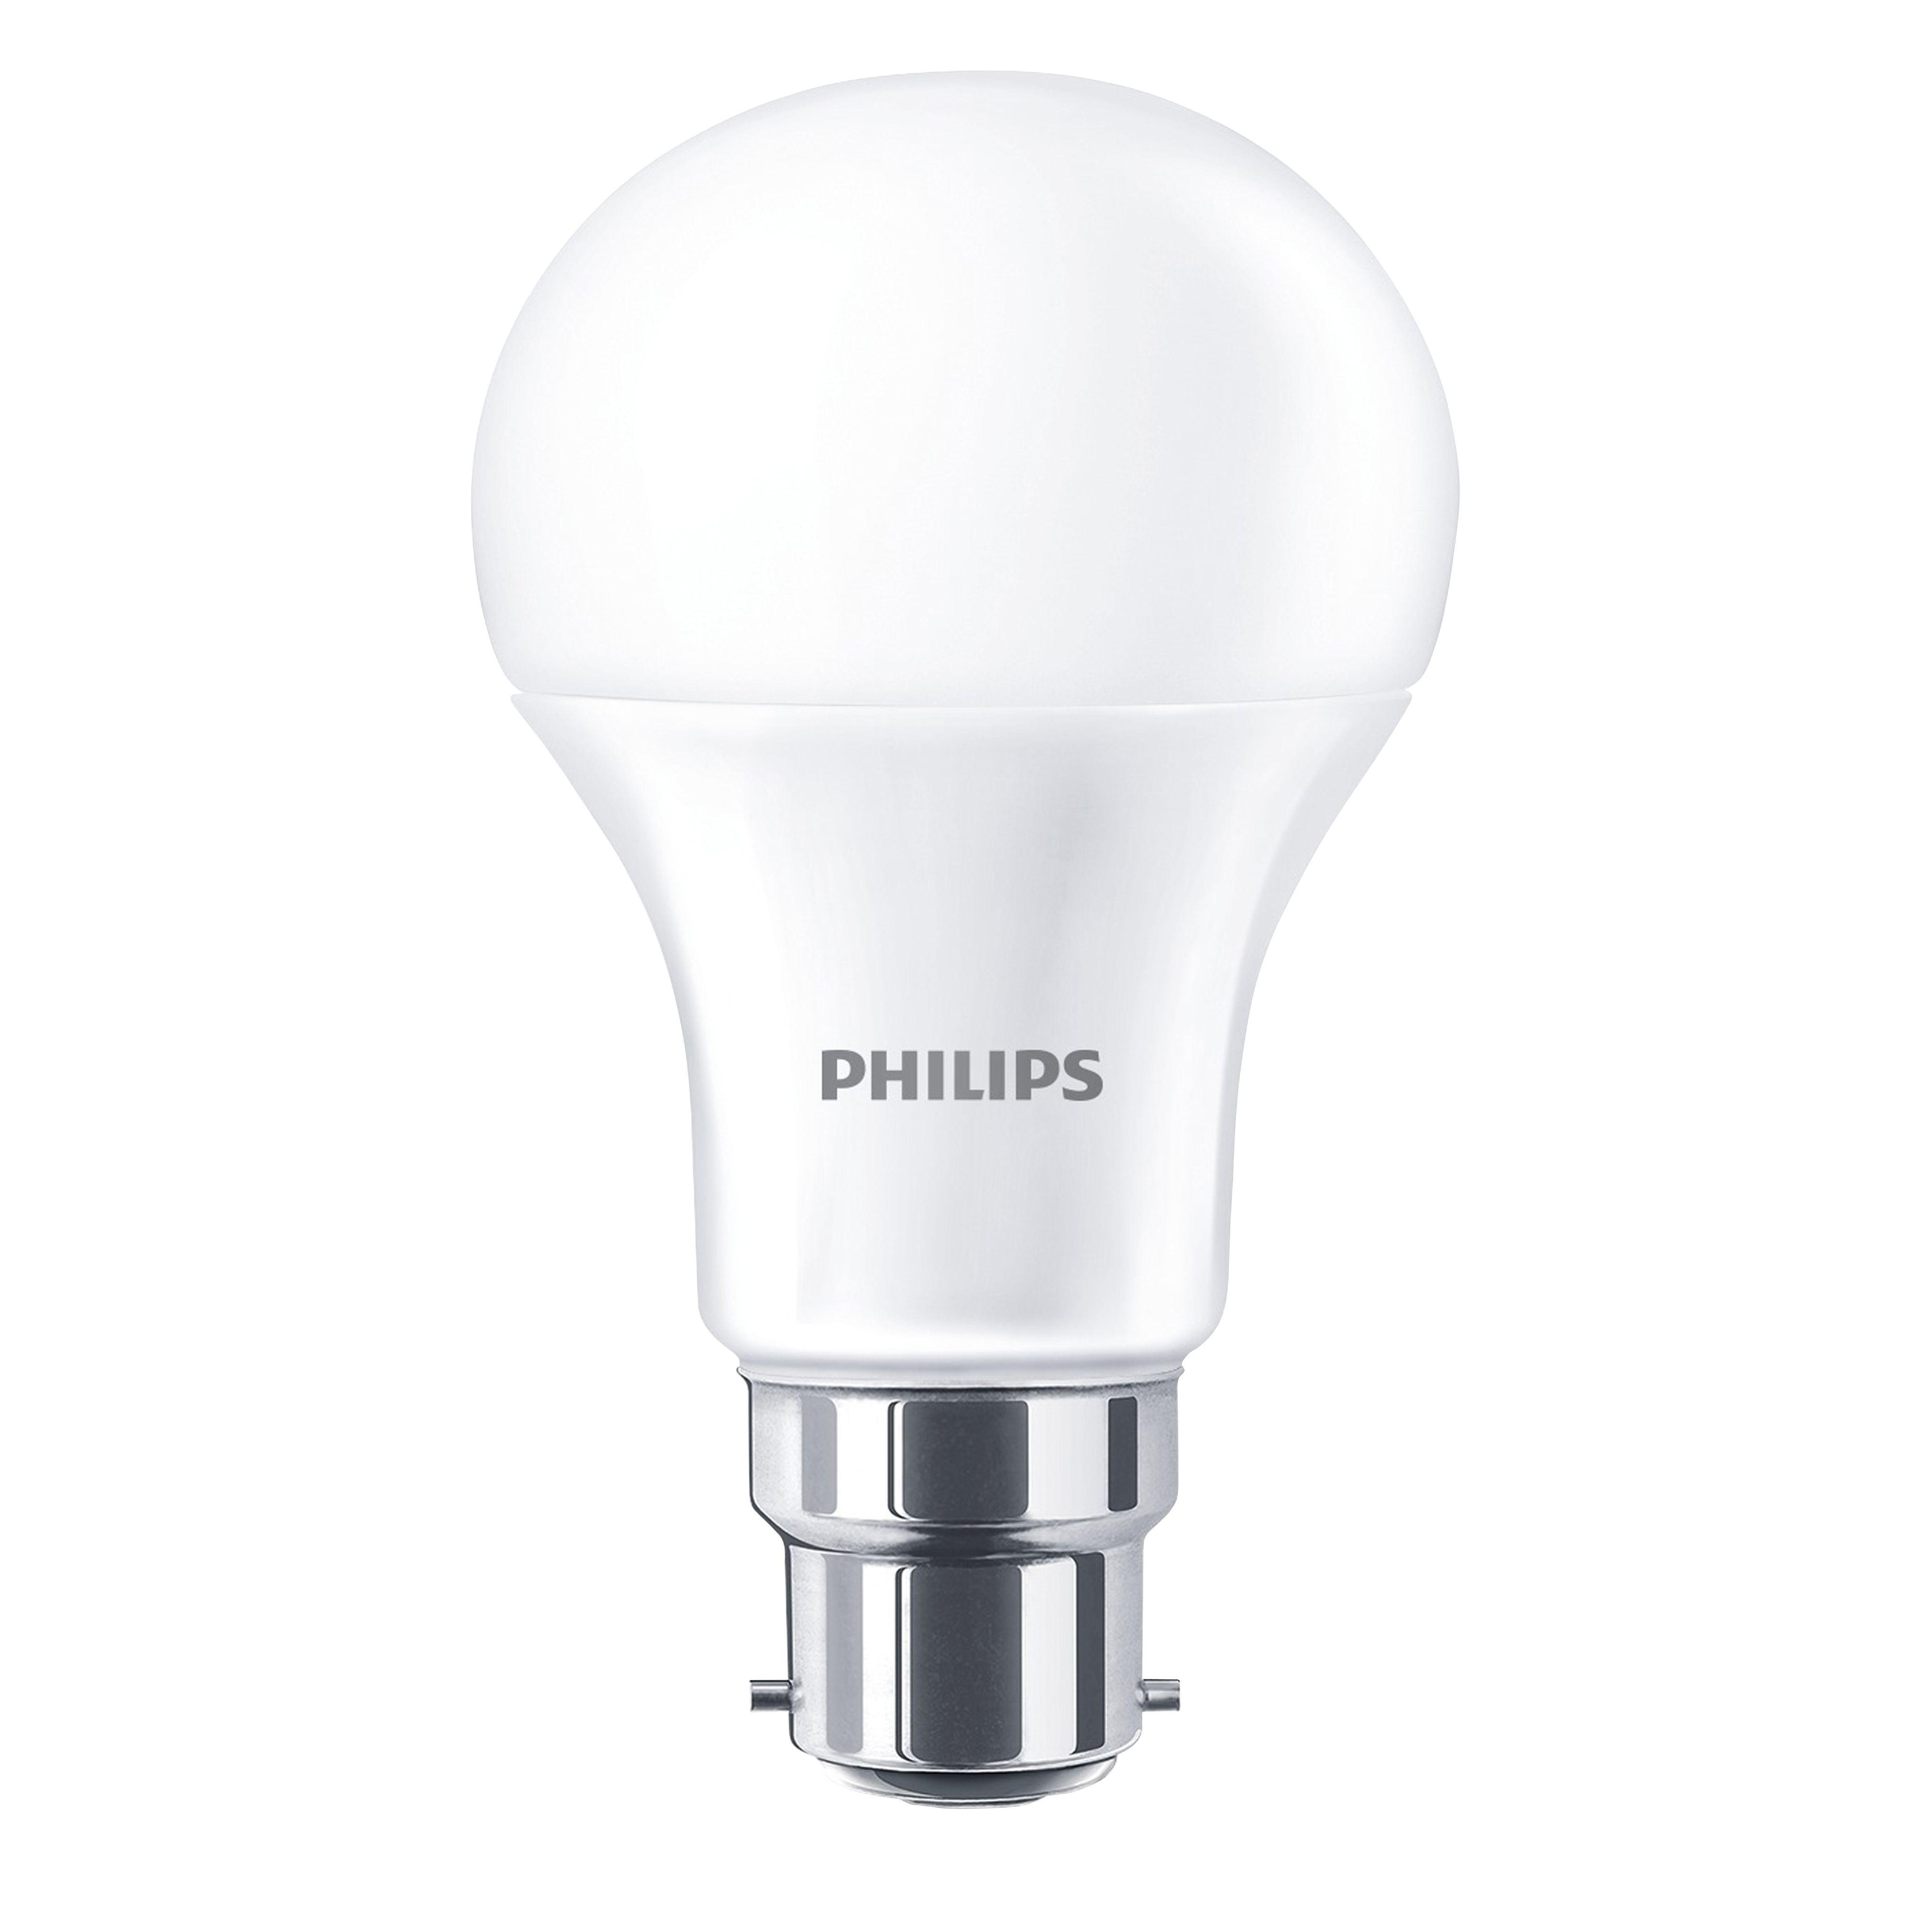 Philips B22 1521lm Led Classic Light Bulb